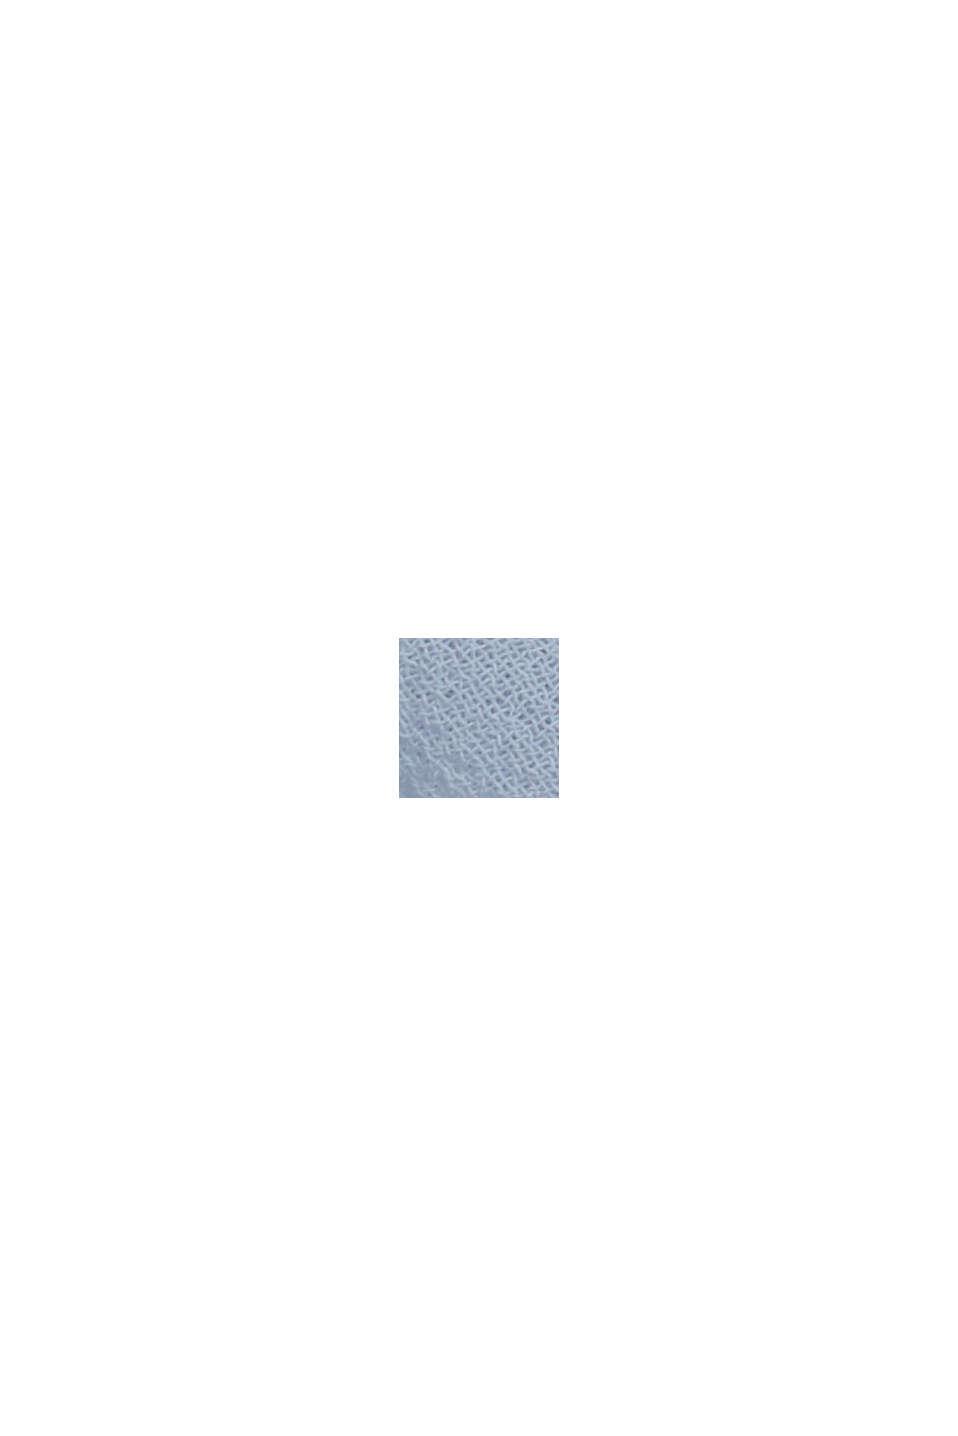 Af genanvendte materialer: Chiffonnederdel med satinlinning, PASTEL BLUE, swatch